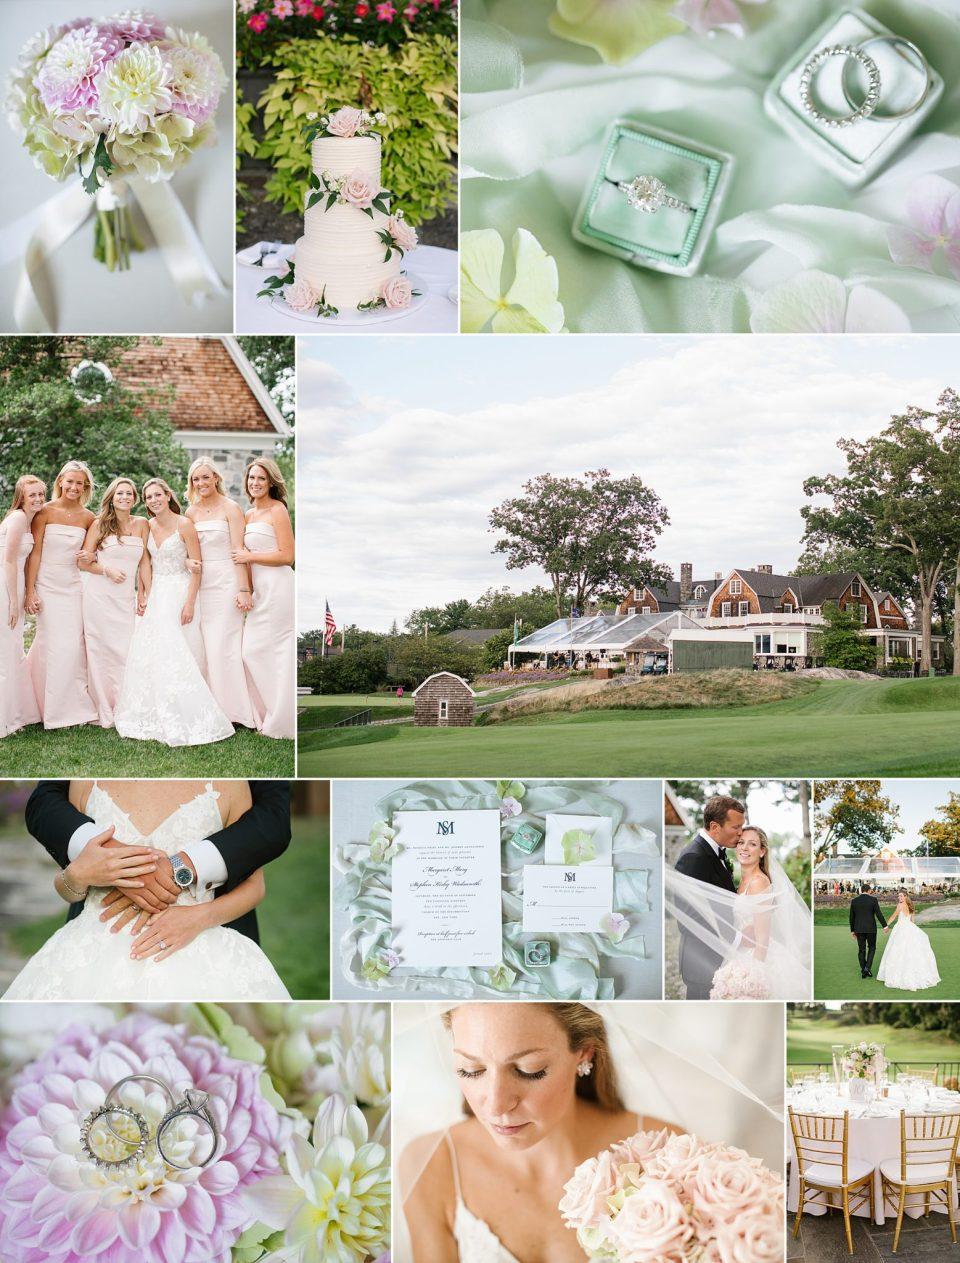 Apawamis Club wedding by Ashley Mac Photographs